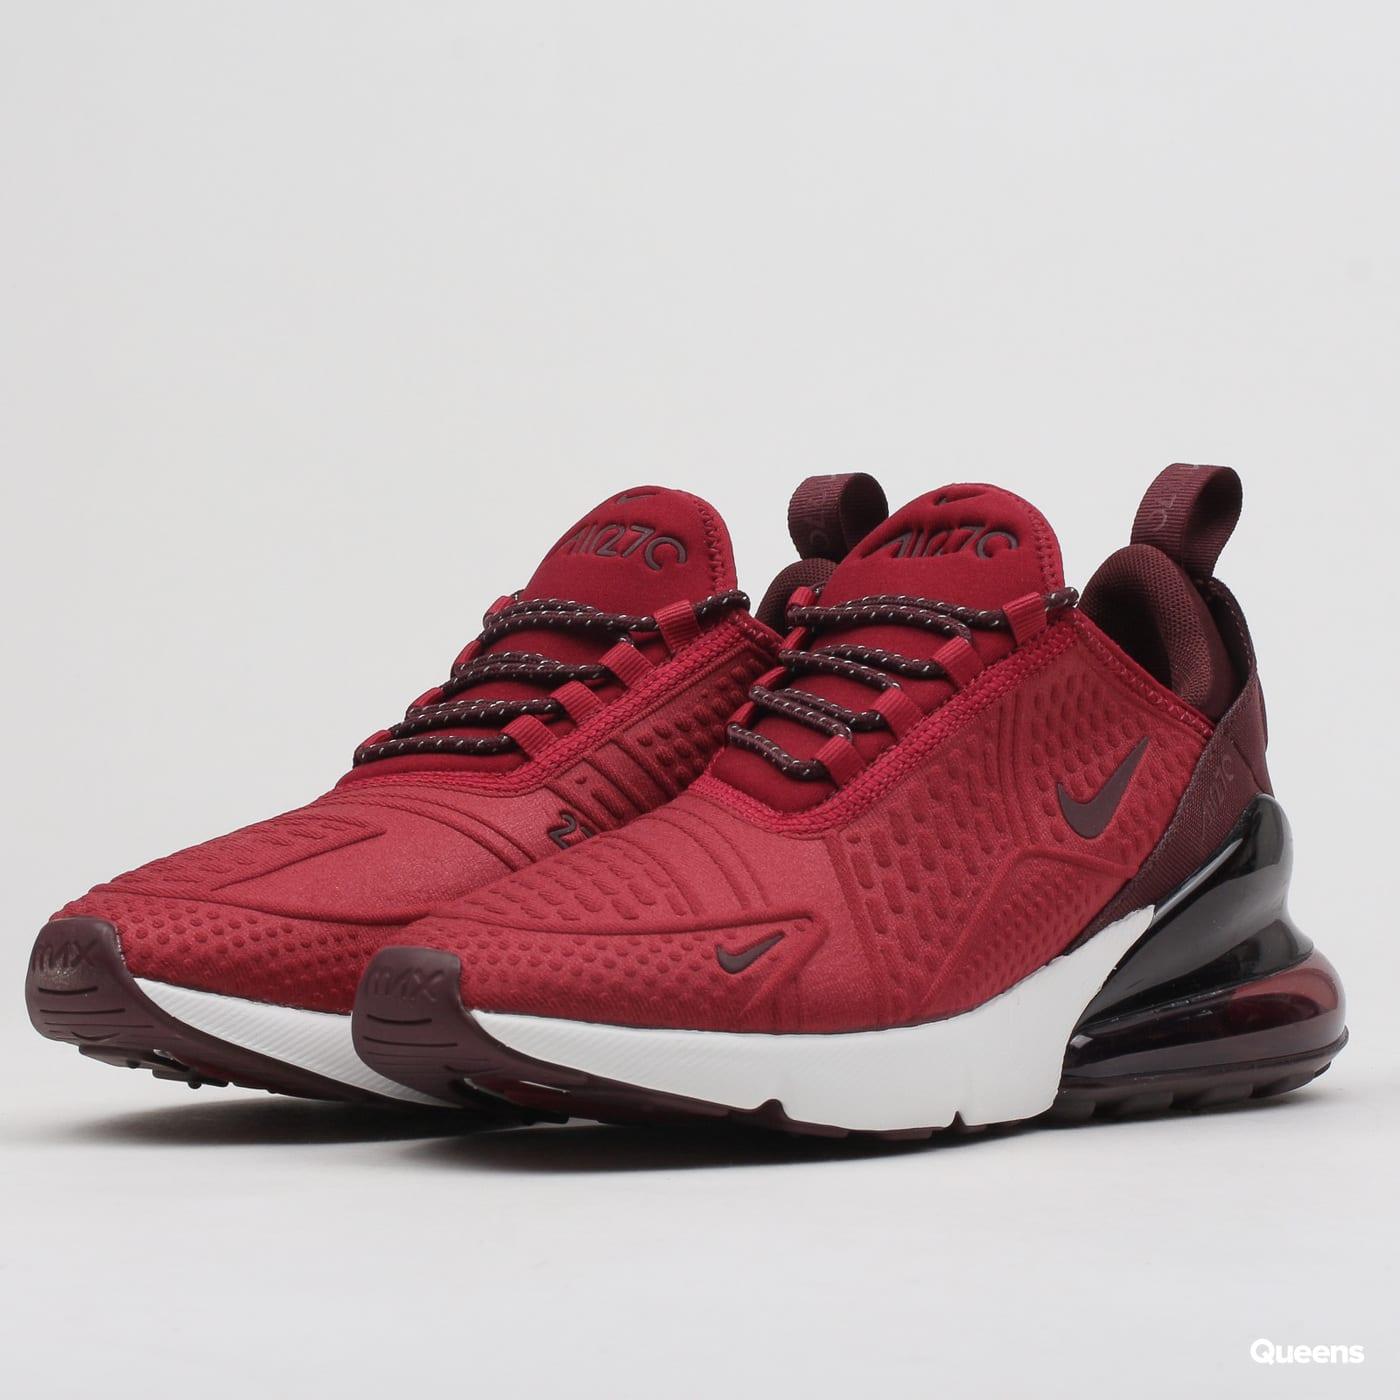 Nike Air Max 270 SE (GS) team red